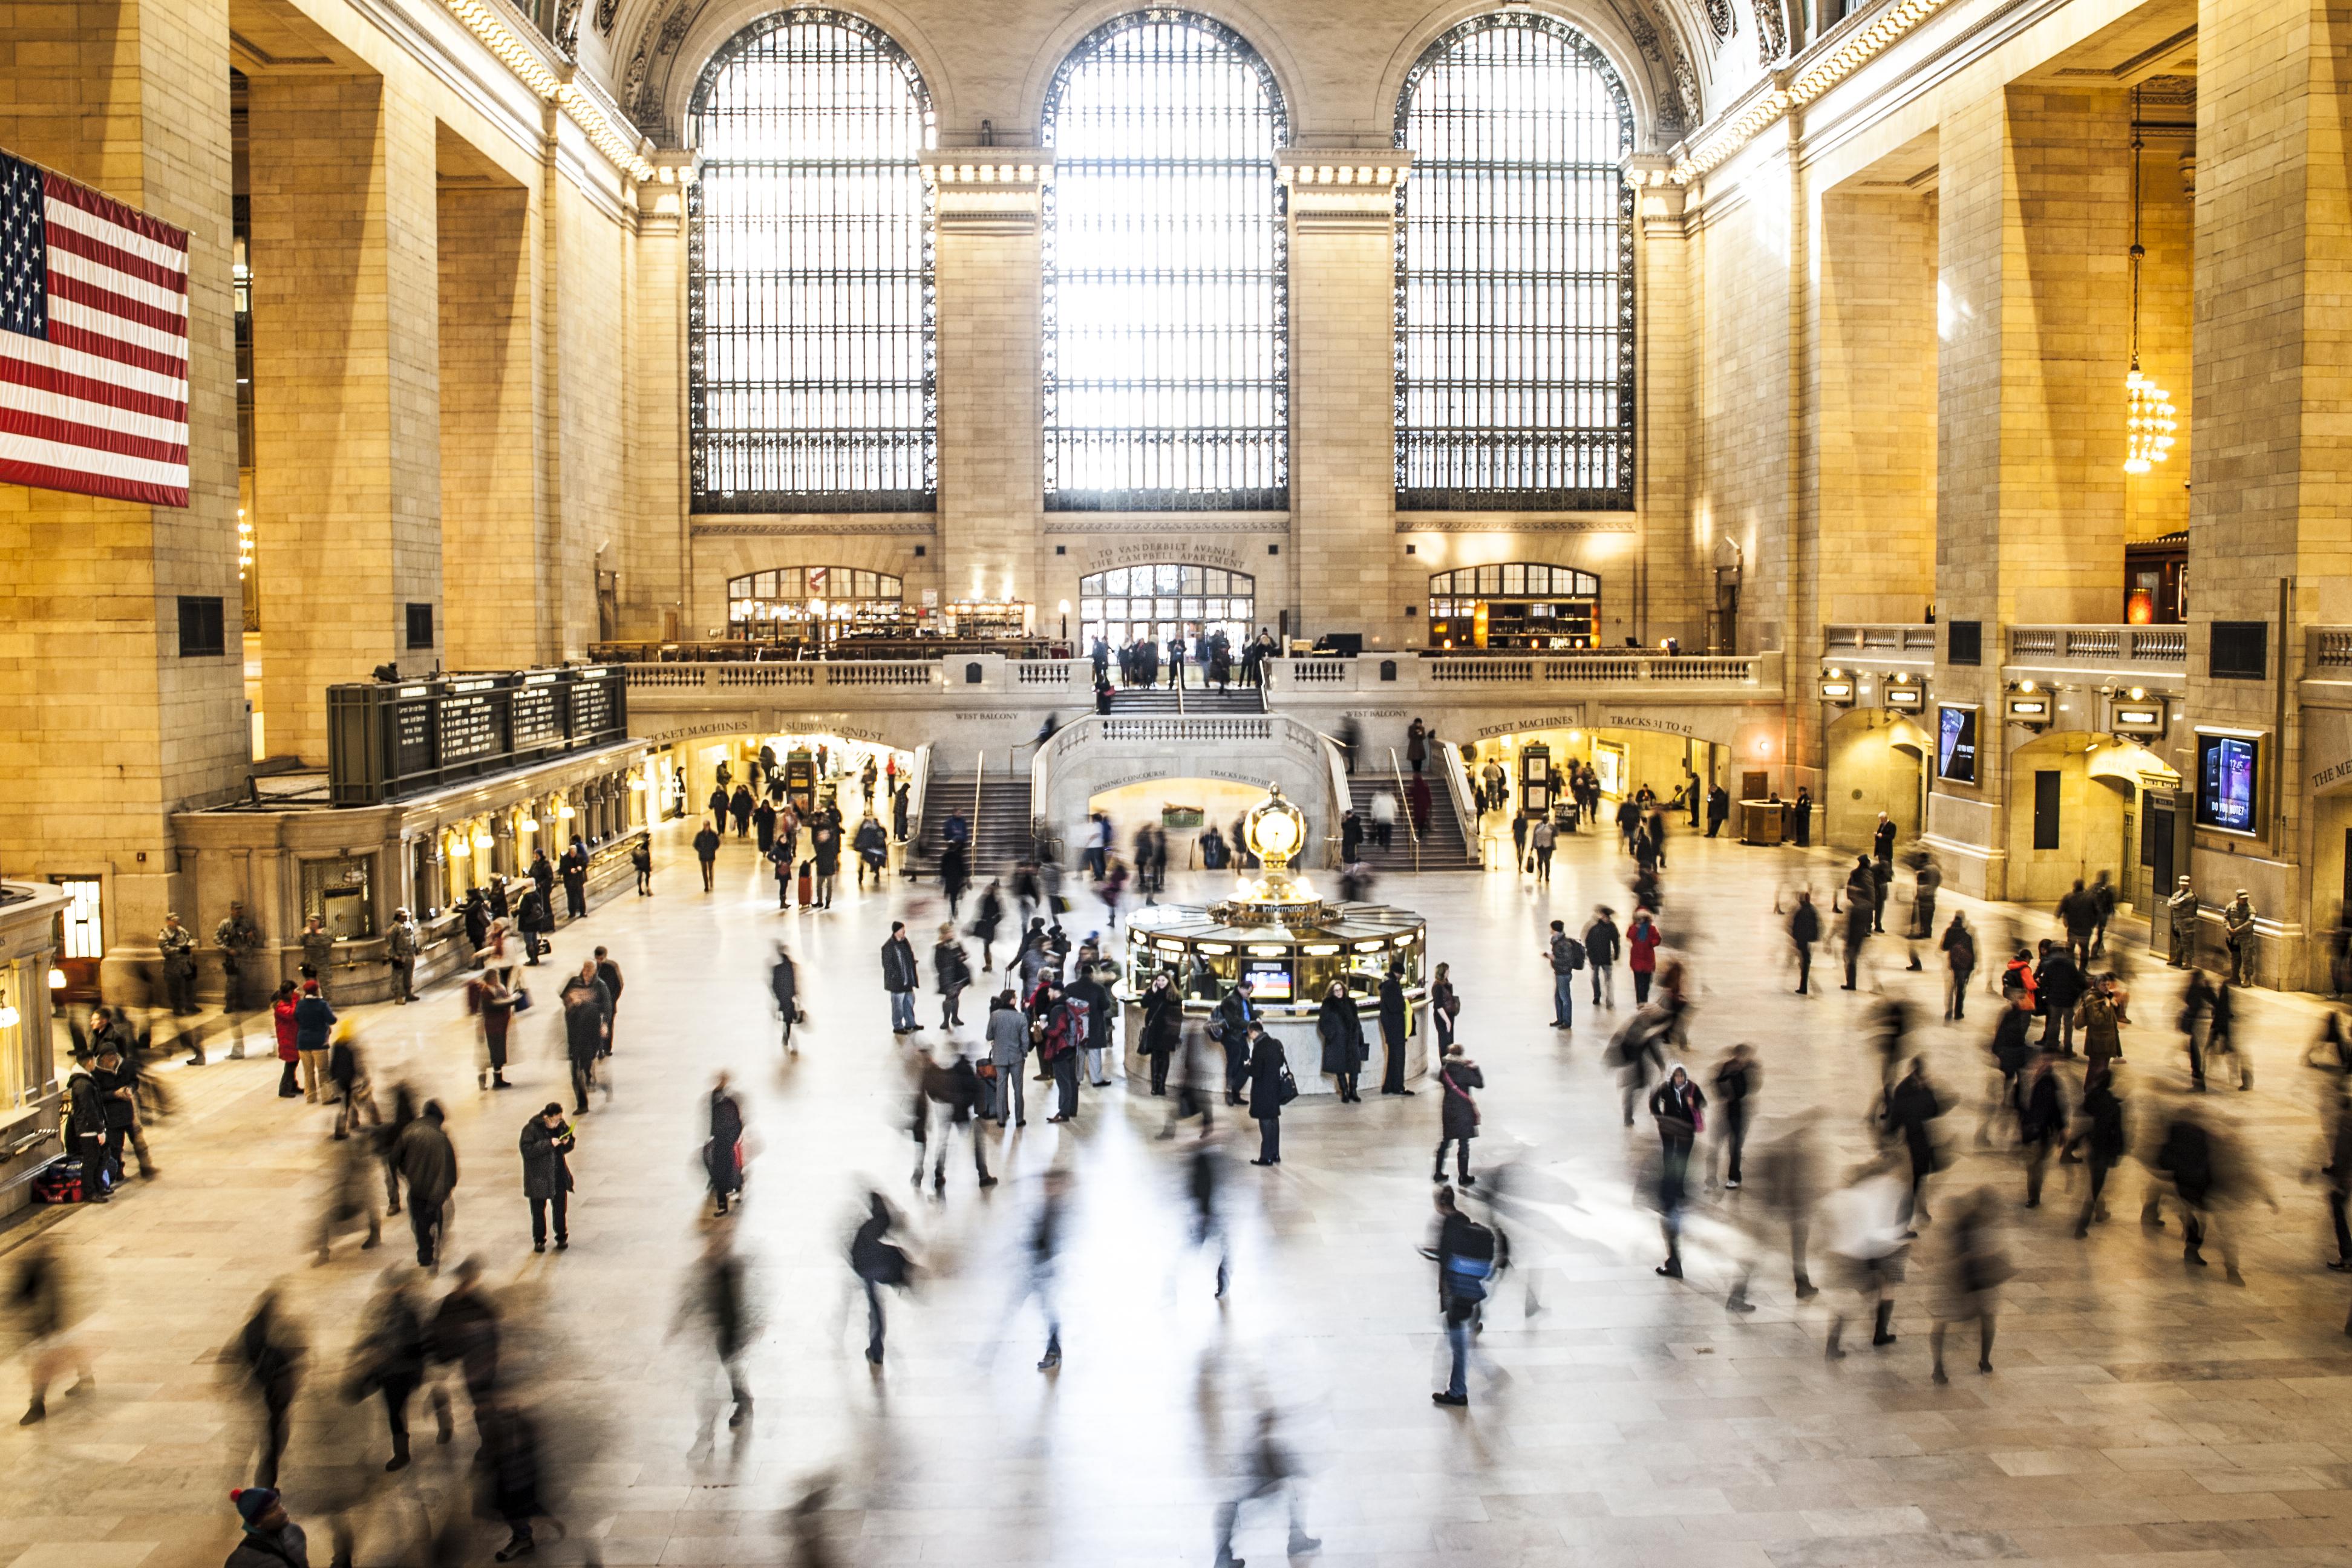 7 interessante feiten over ons menselijk gedrag